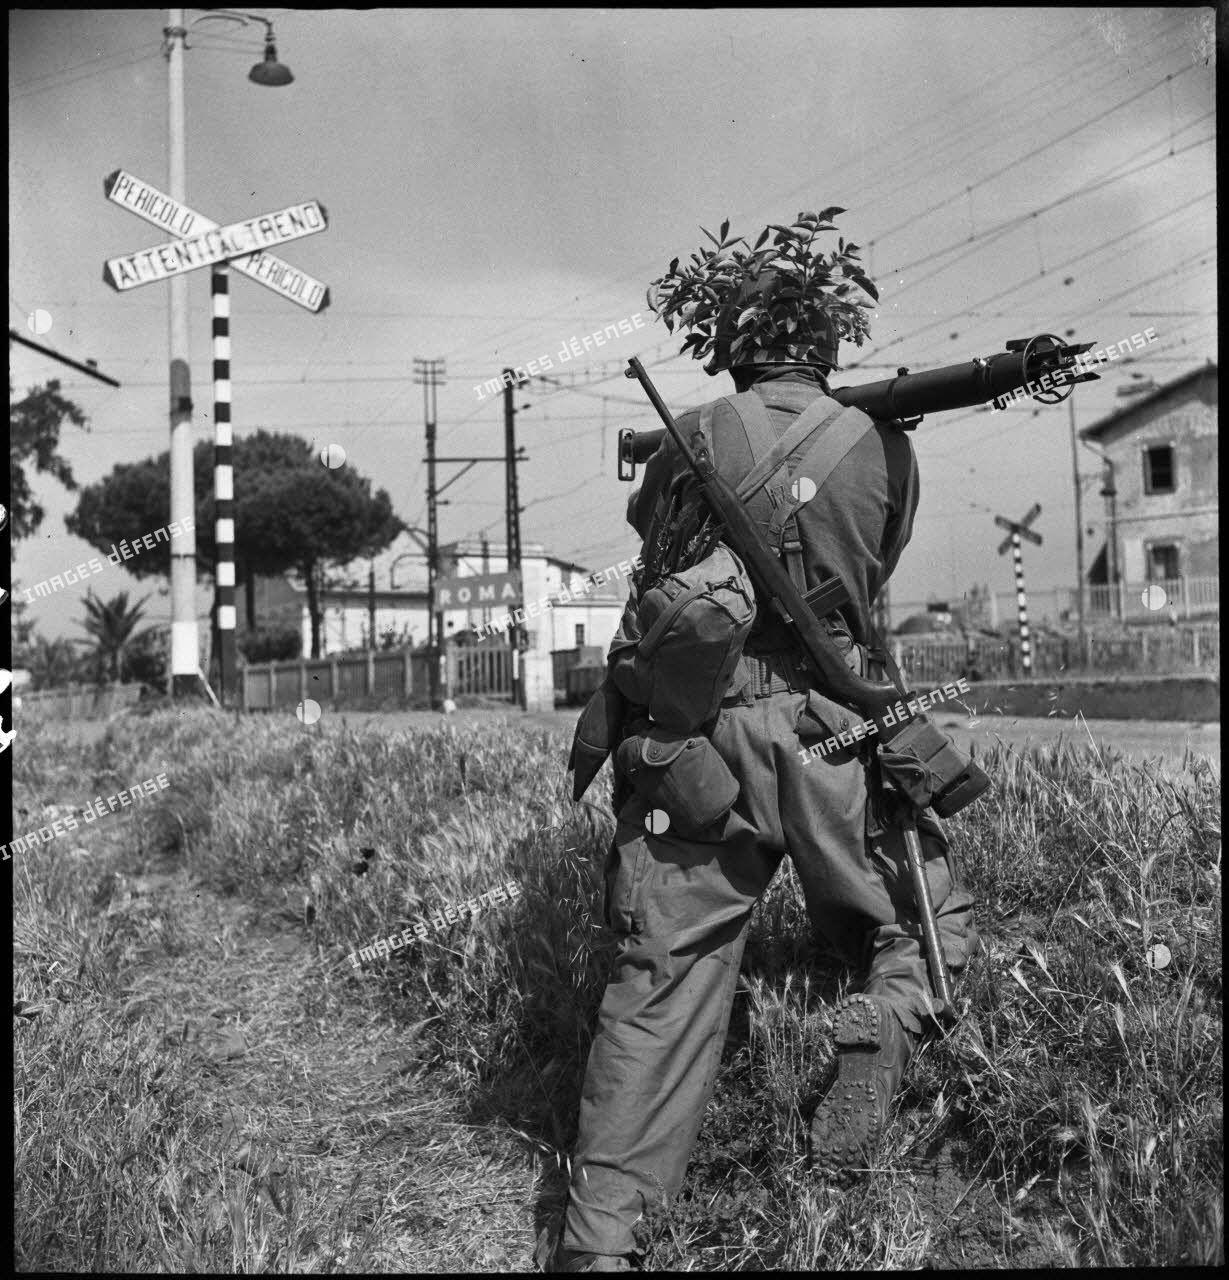 Aux portes de Rome, un fantassin américain, équipé d'un lance-roquettes M1, riposte à une contre-attaque de blindés allemands.